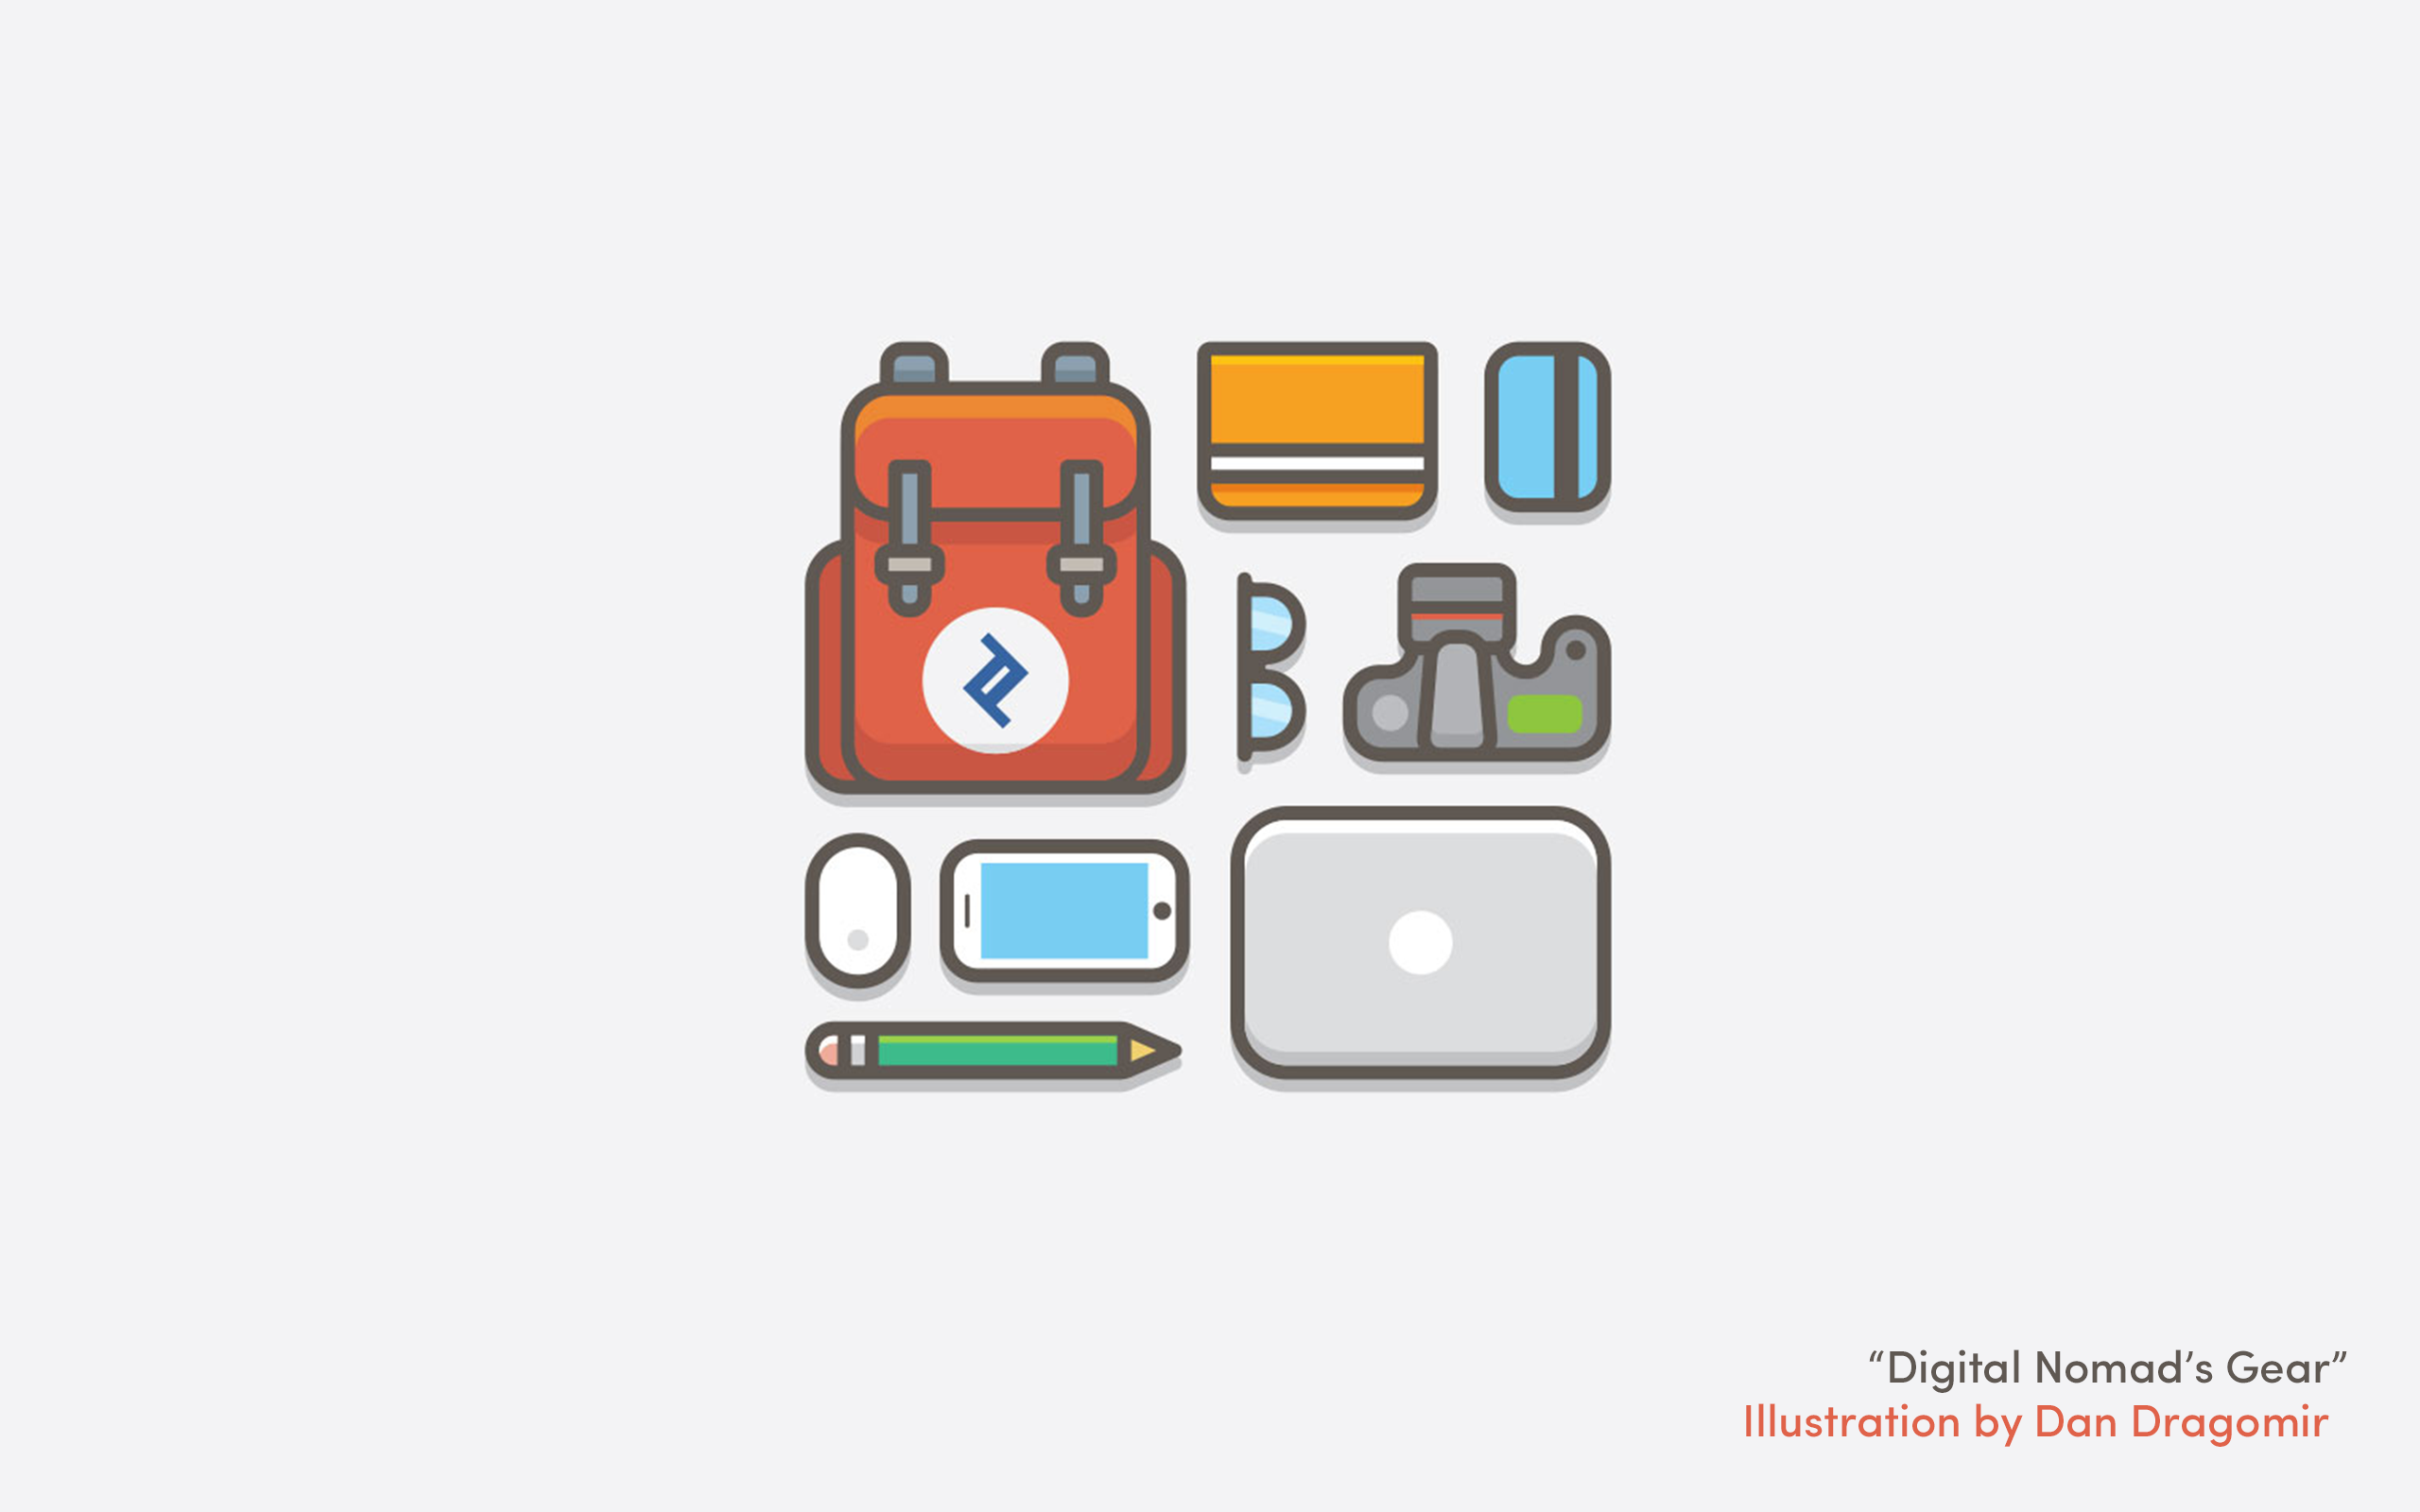 digital-nomad-gear-by-dan-dragomir2x.png